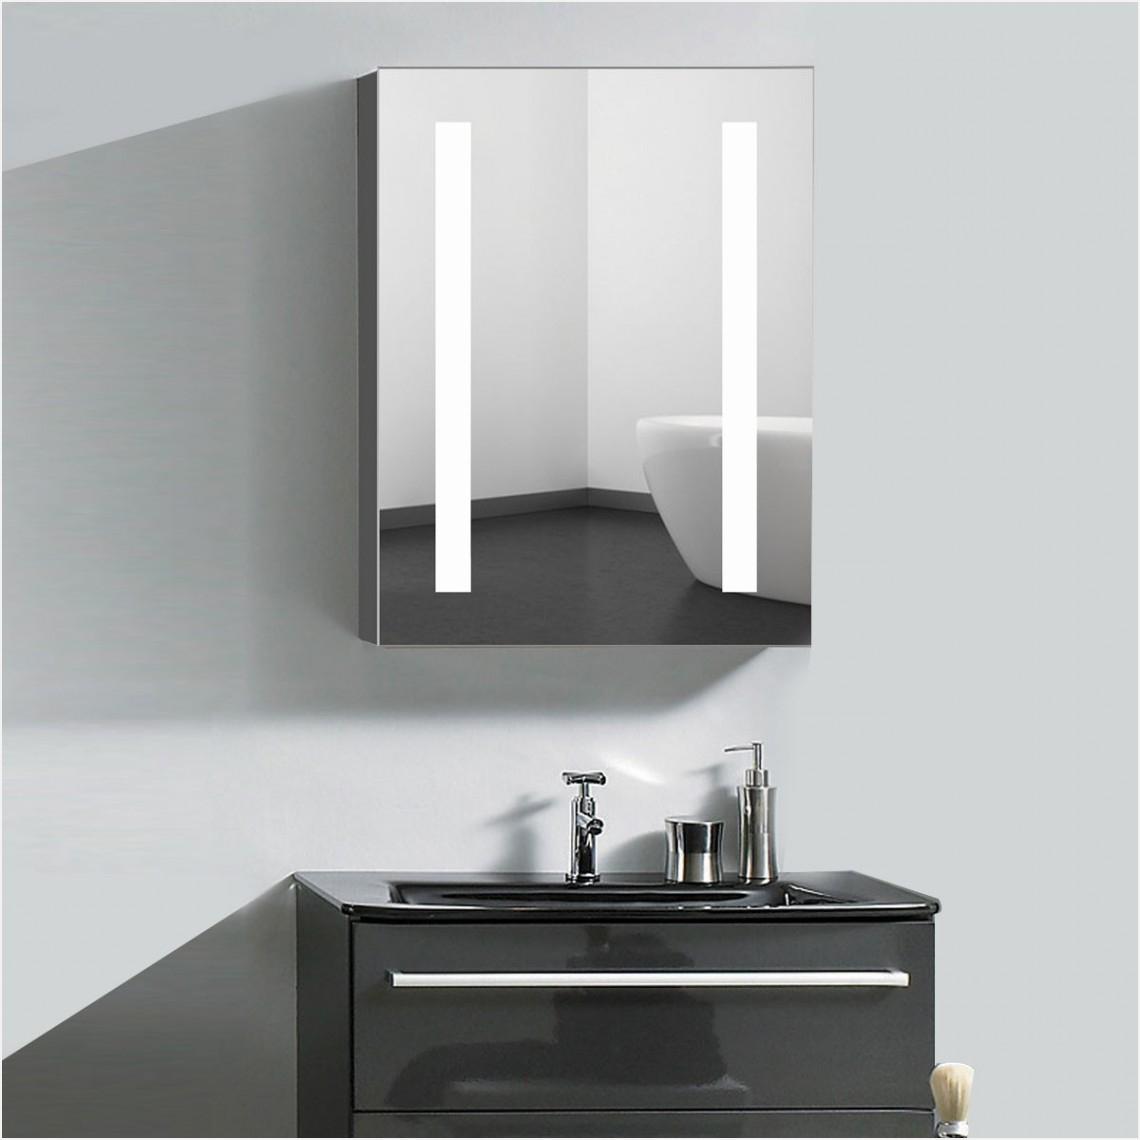 Armoire De toilette Miroir Castorama Luxe Photos Armoire Miroir Salle De Bain Luxe 24 X 32 X 5 2 Po Armoire Miroir